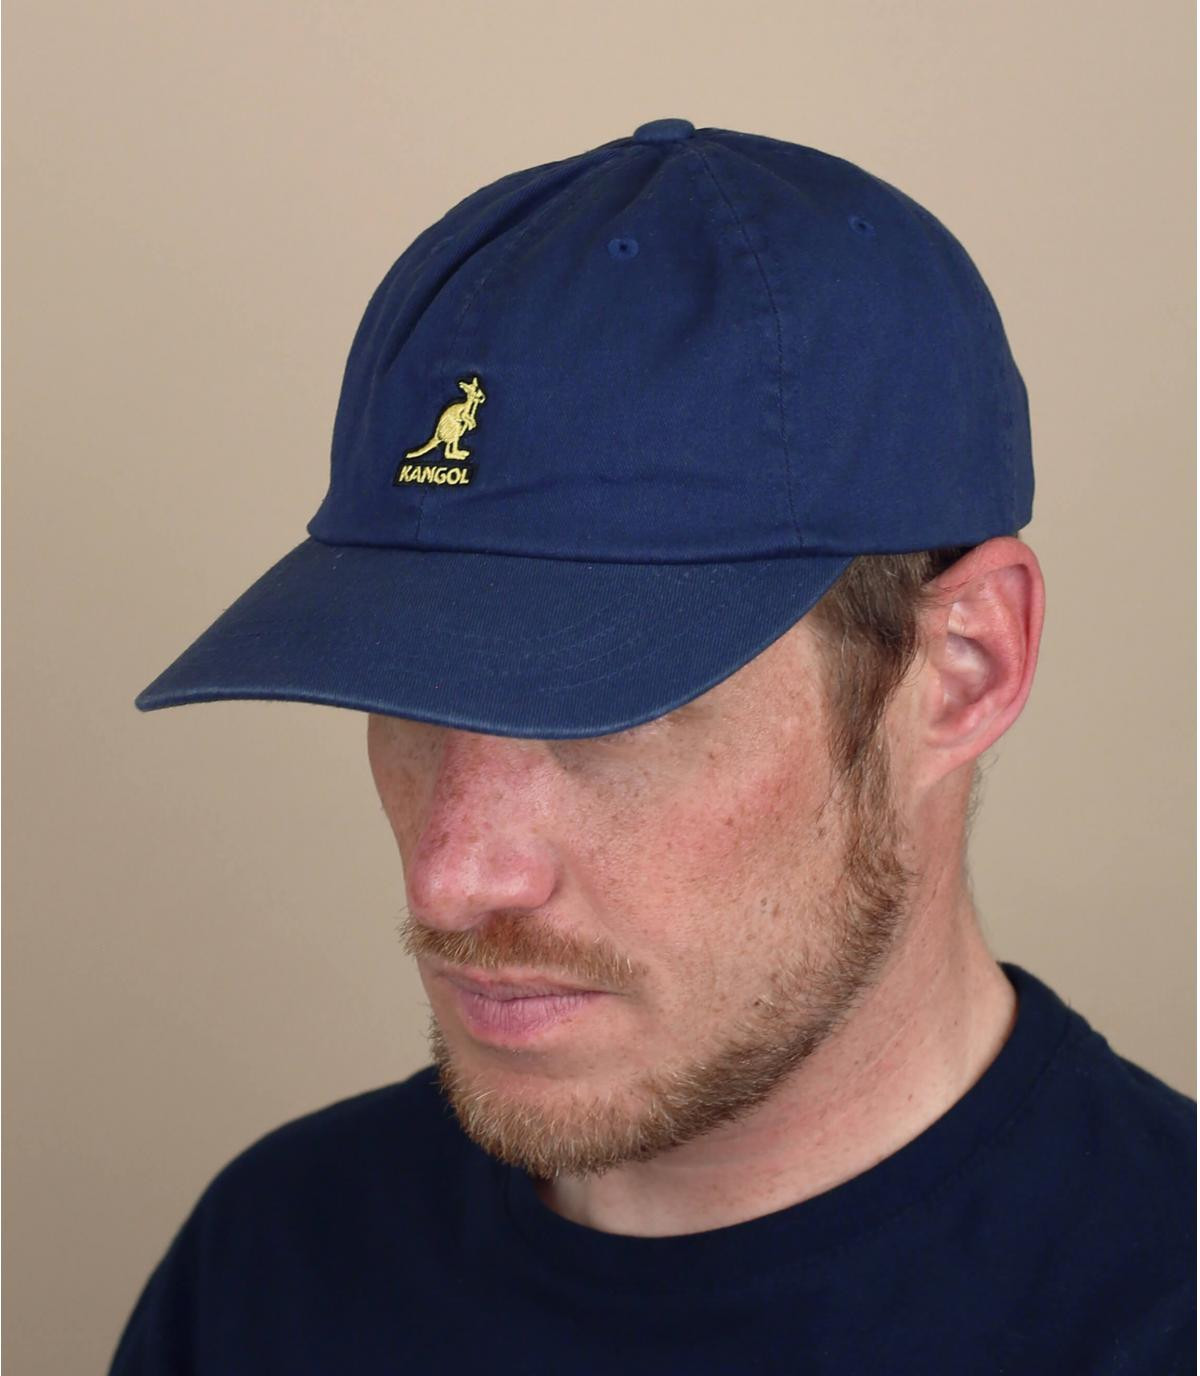 casquette Kangol bleu marine